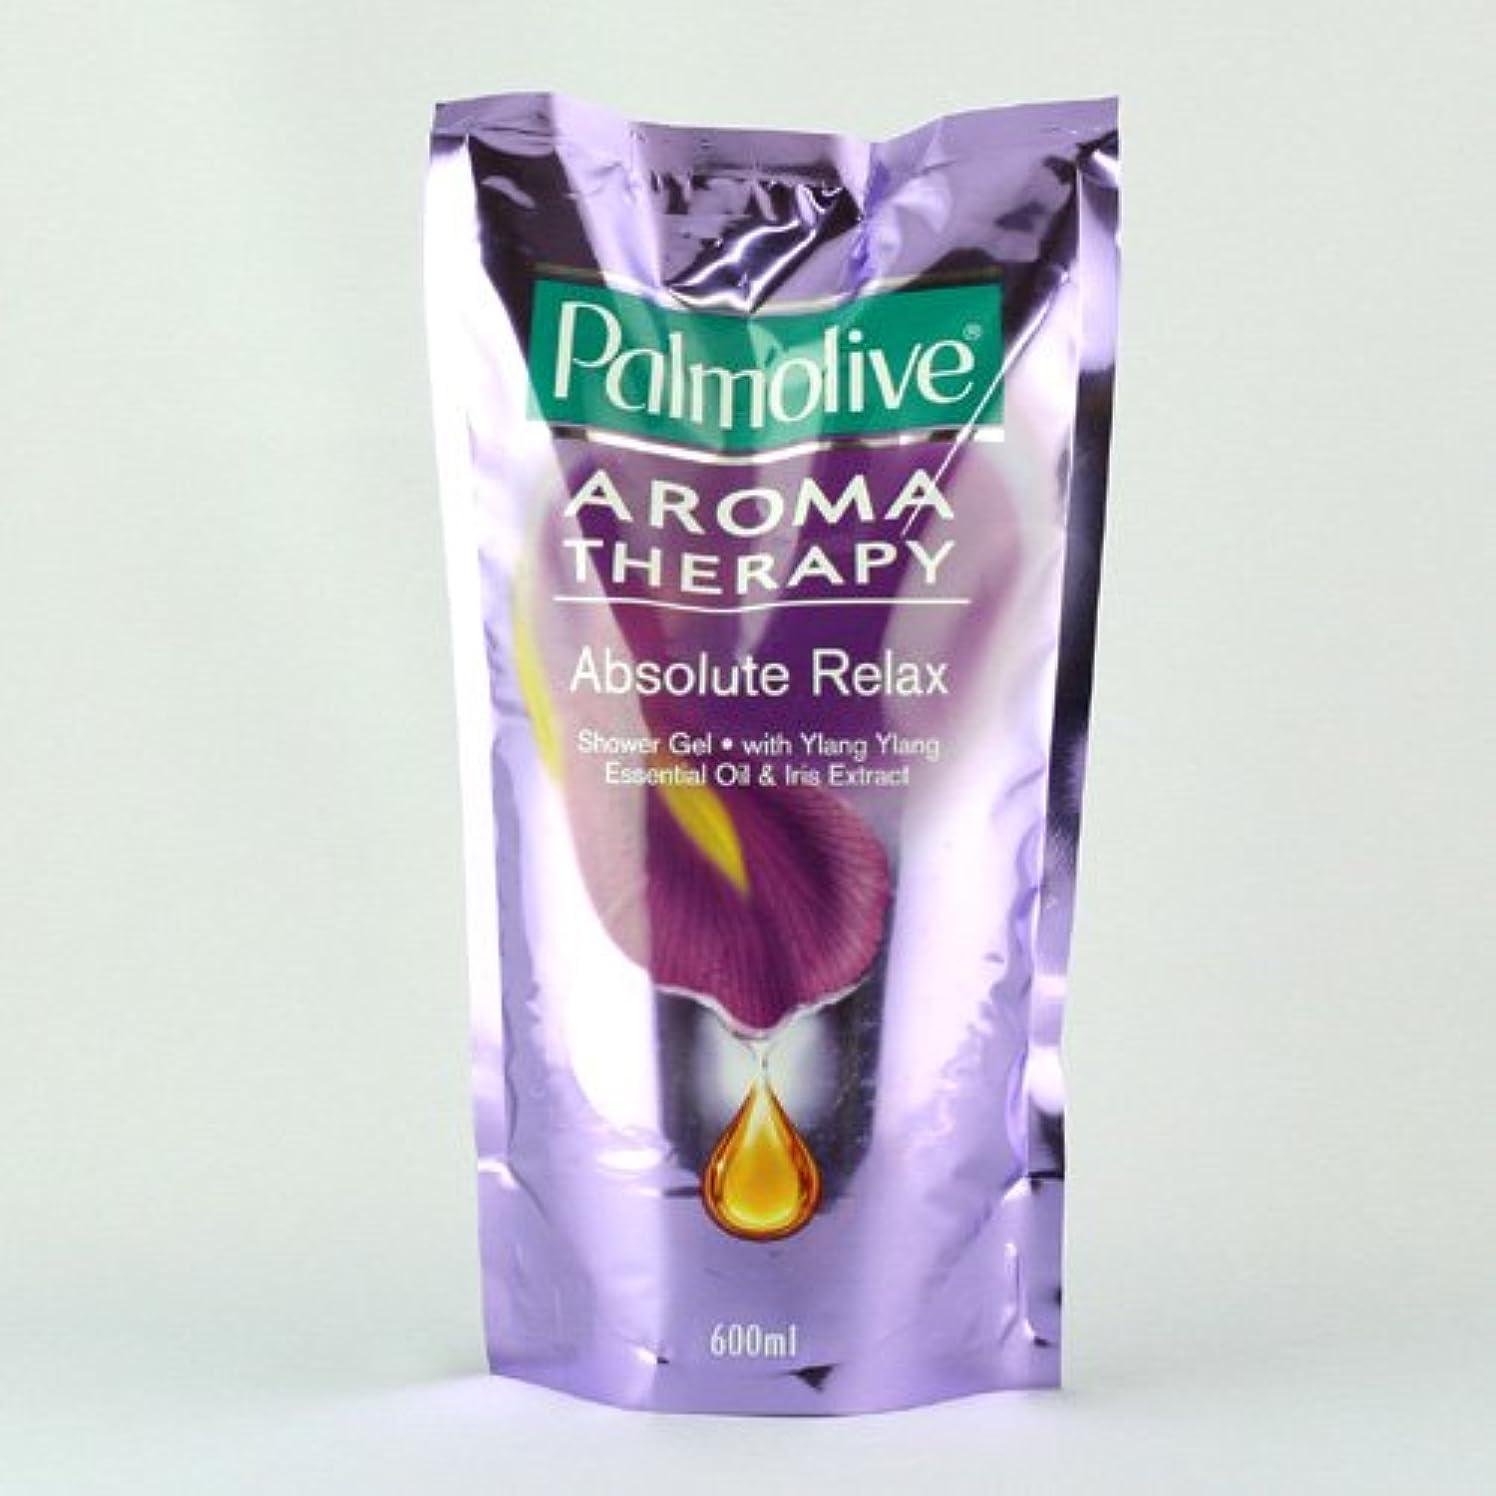 トリプルアメリカ祝福する【Palmolive】パルモリーブ シャワージェル詰め替え用(アブスルートリラックス) 600ml / 25oz